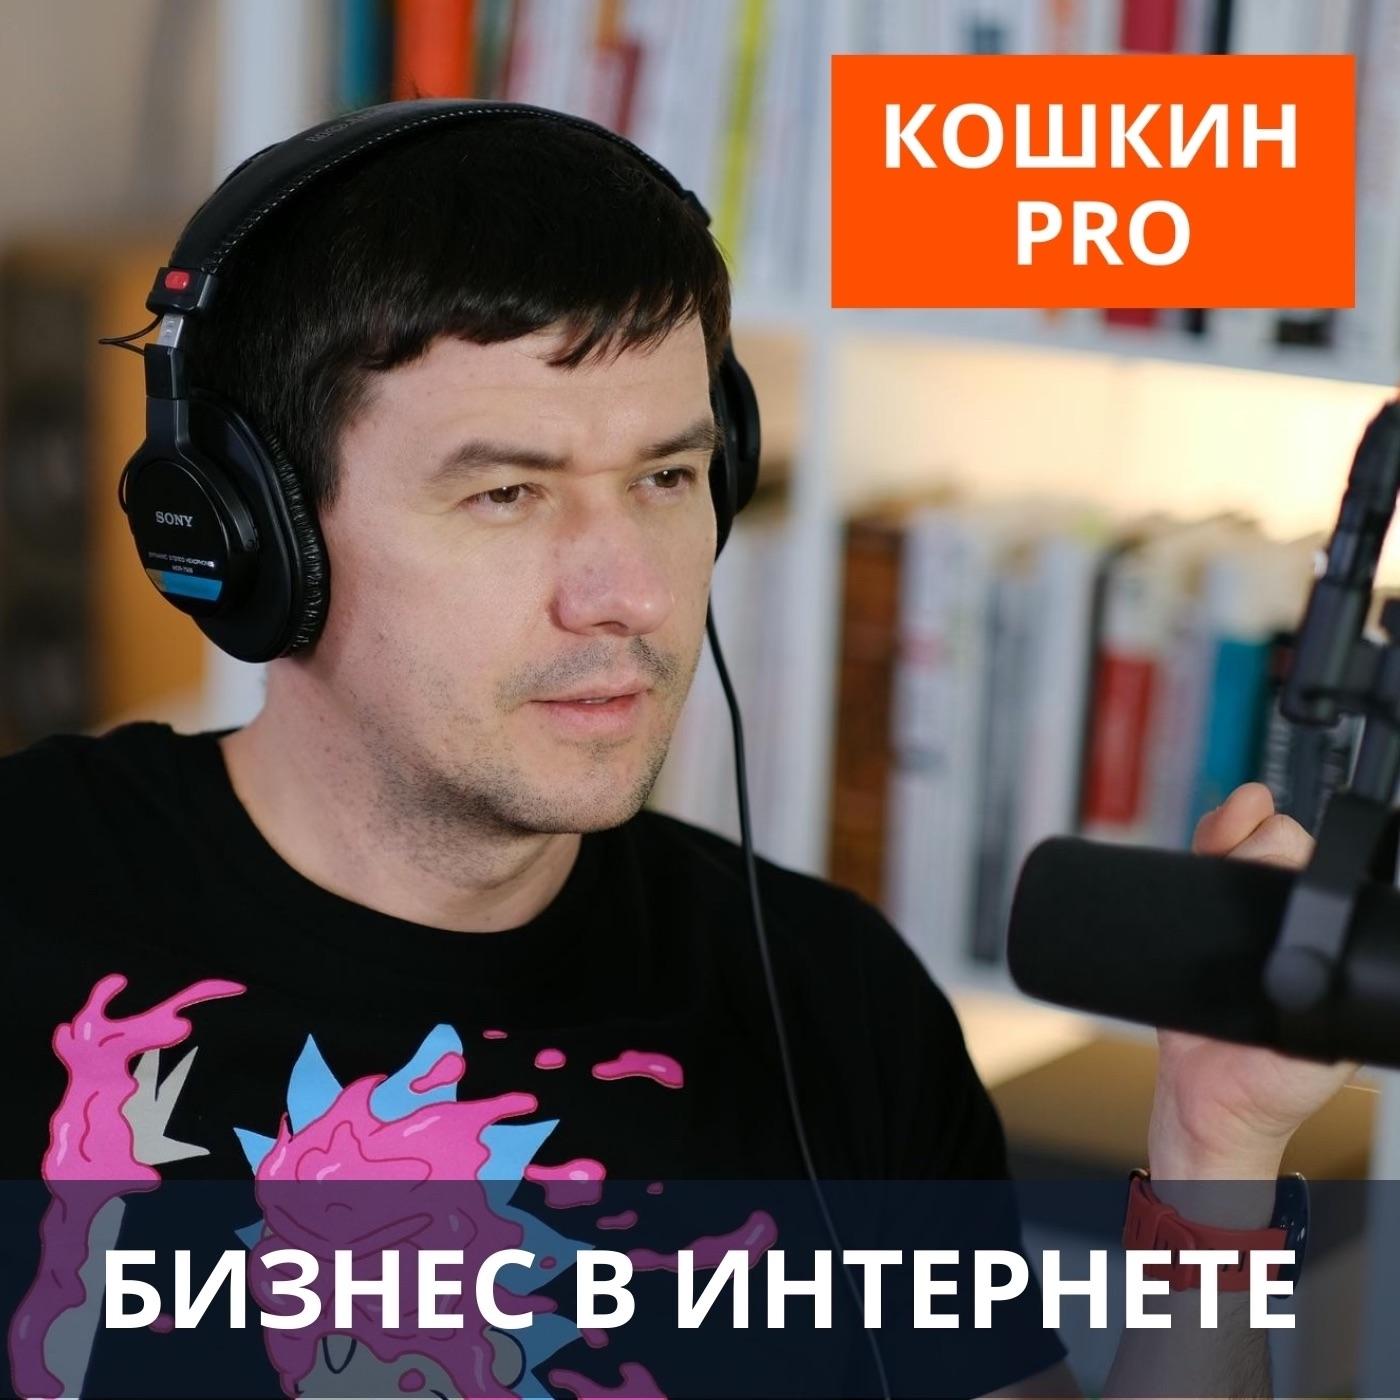 Кошкин PRO бизнес show art